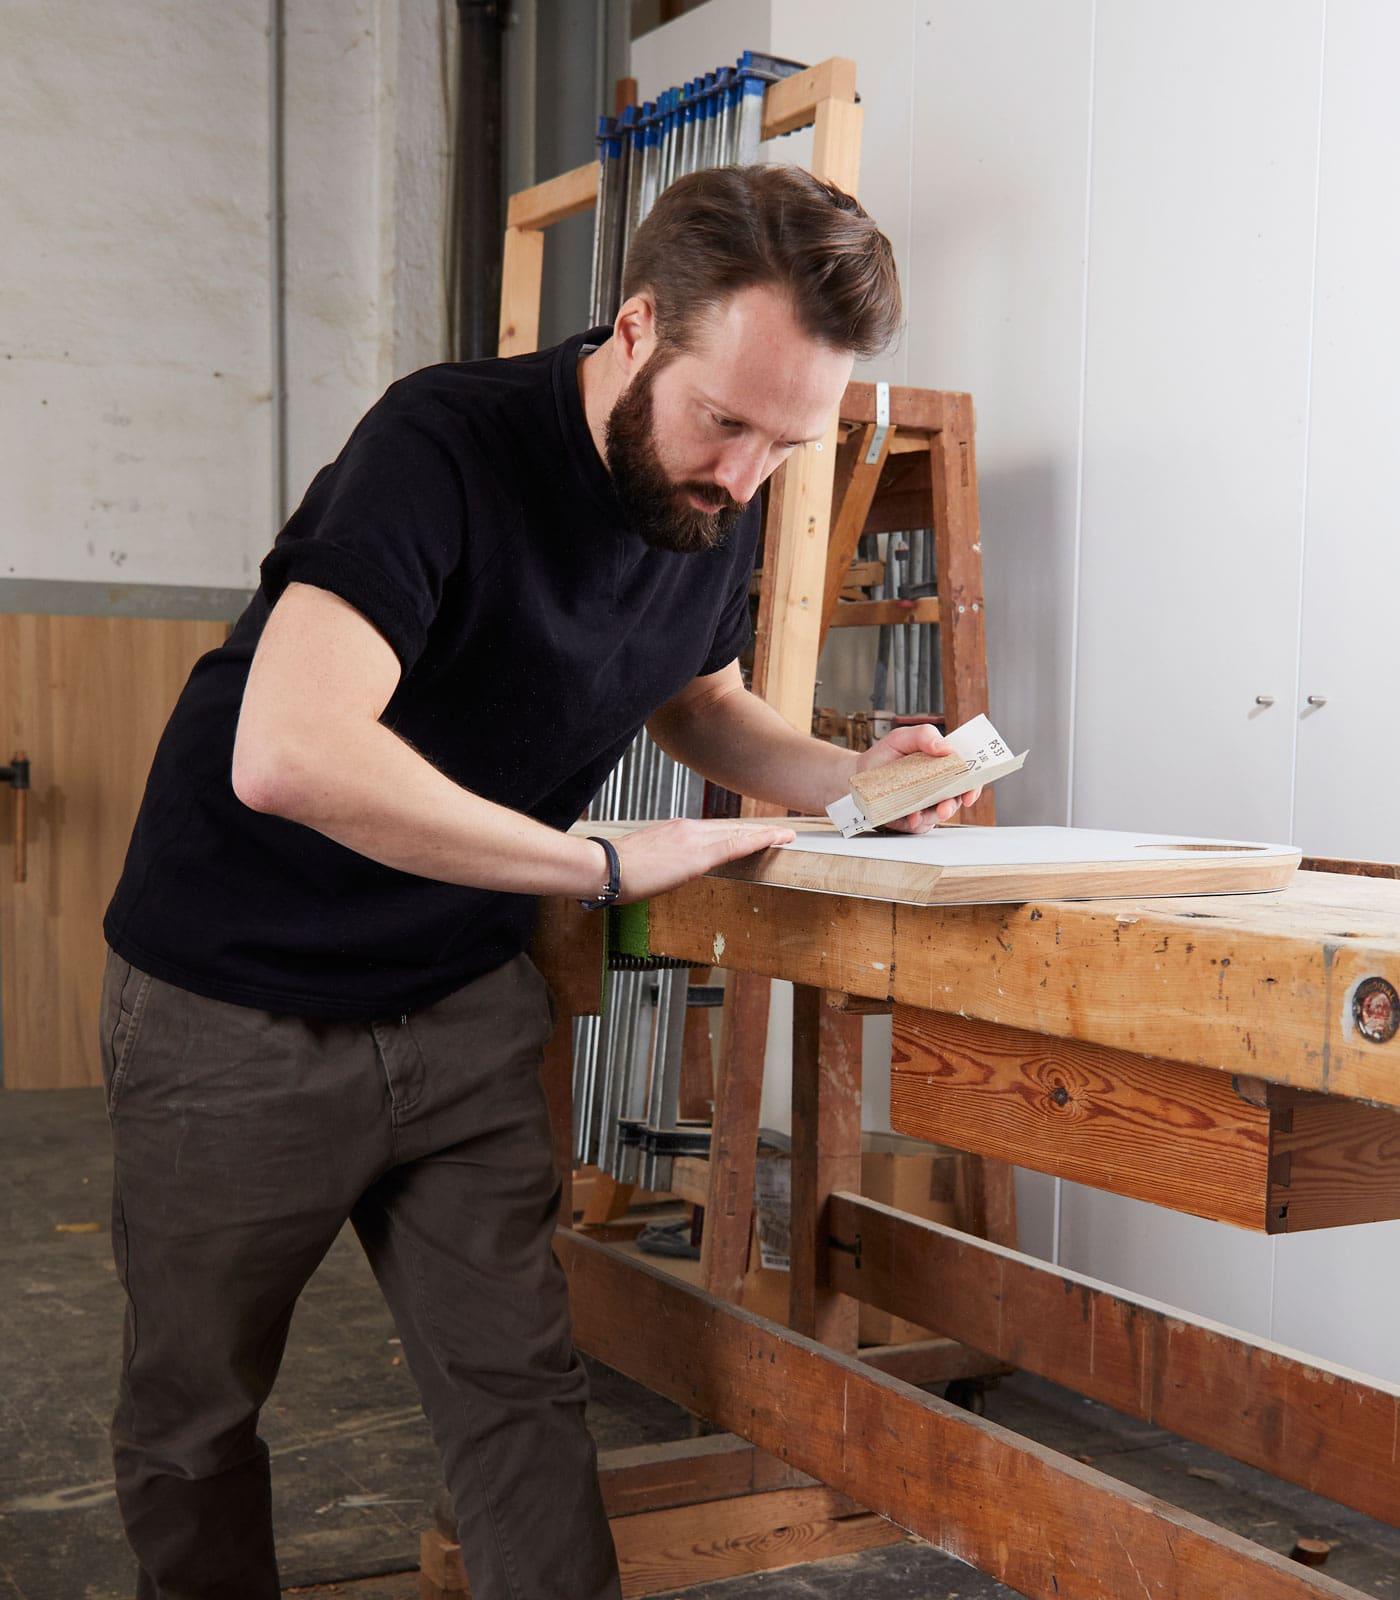 Philip und Lars – Möbelmacher in der Werkstatt // HIMBEER